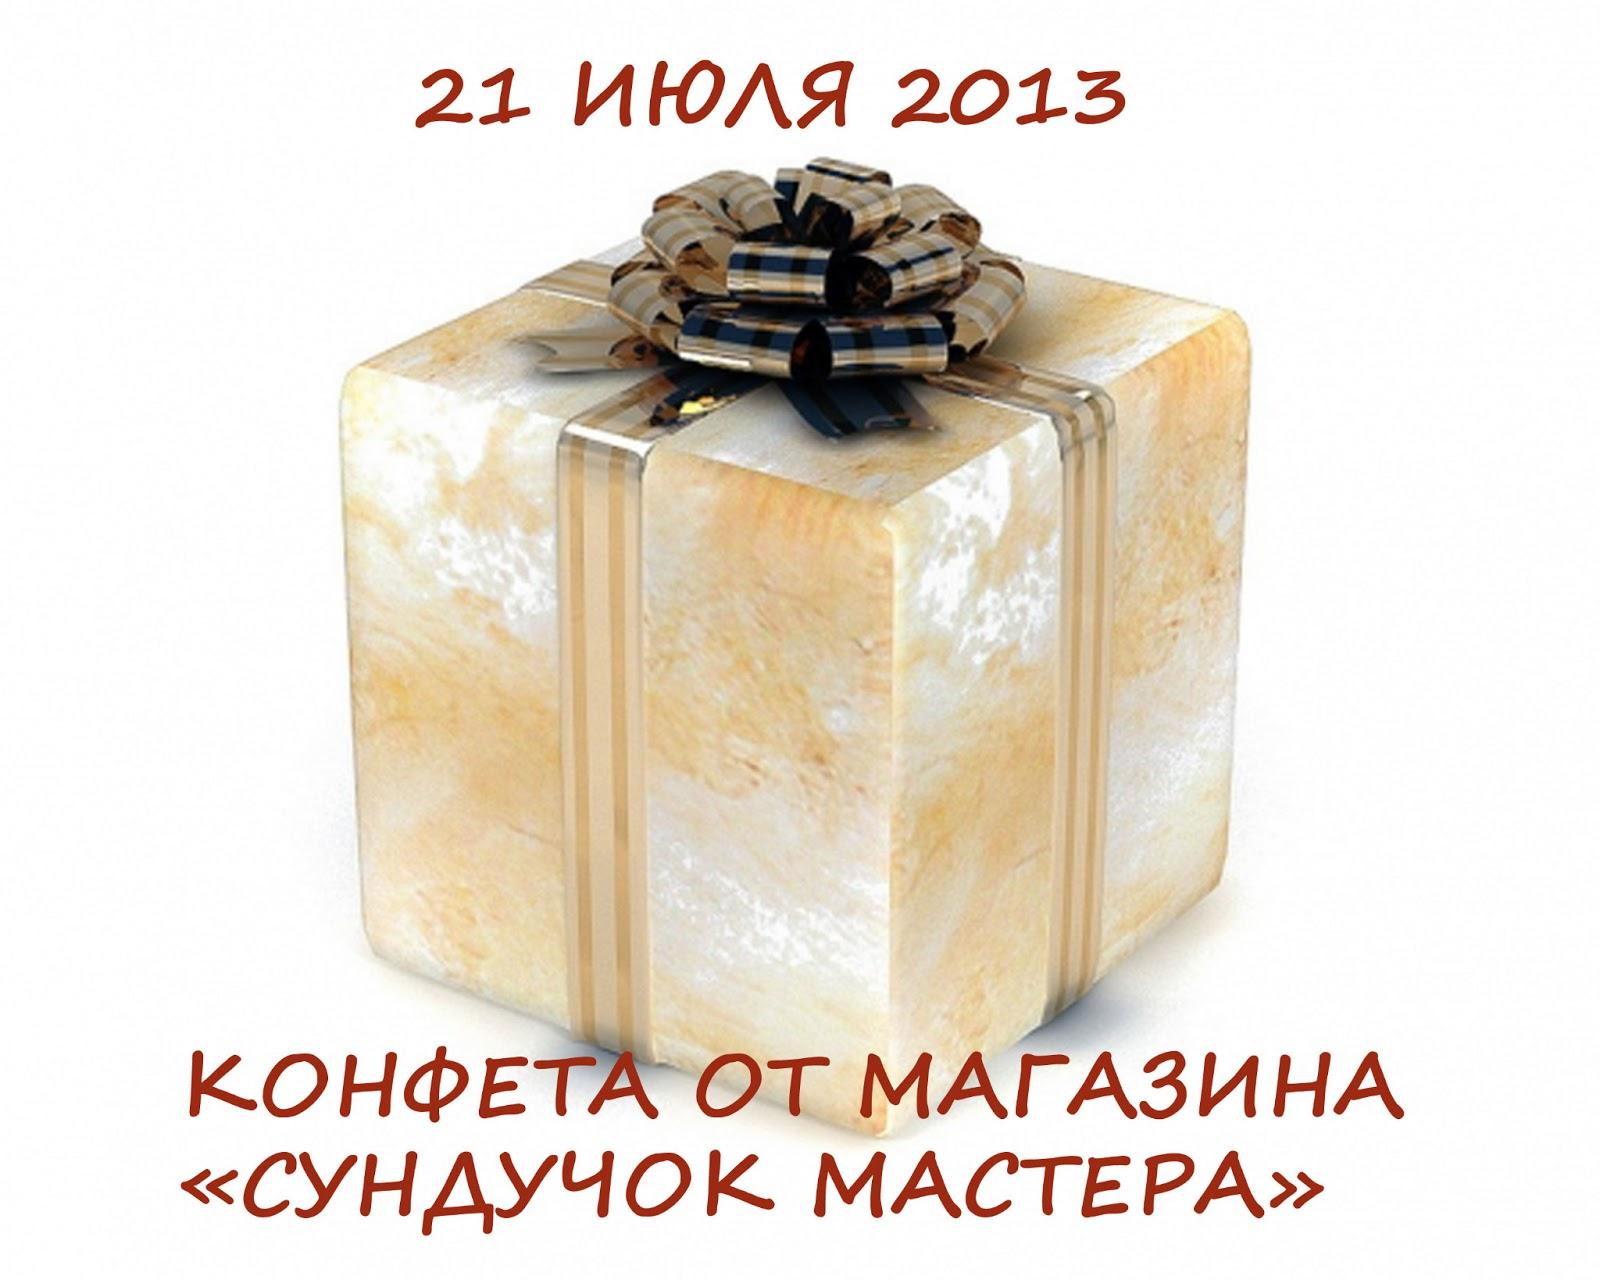 Конфетка от Елены Голофаевой